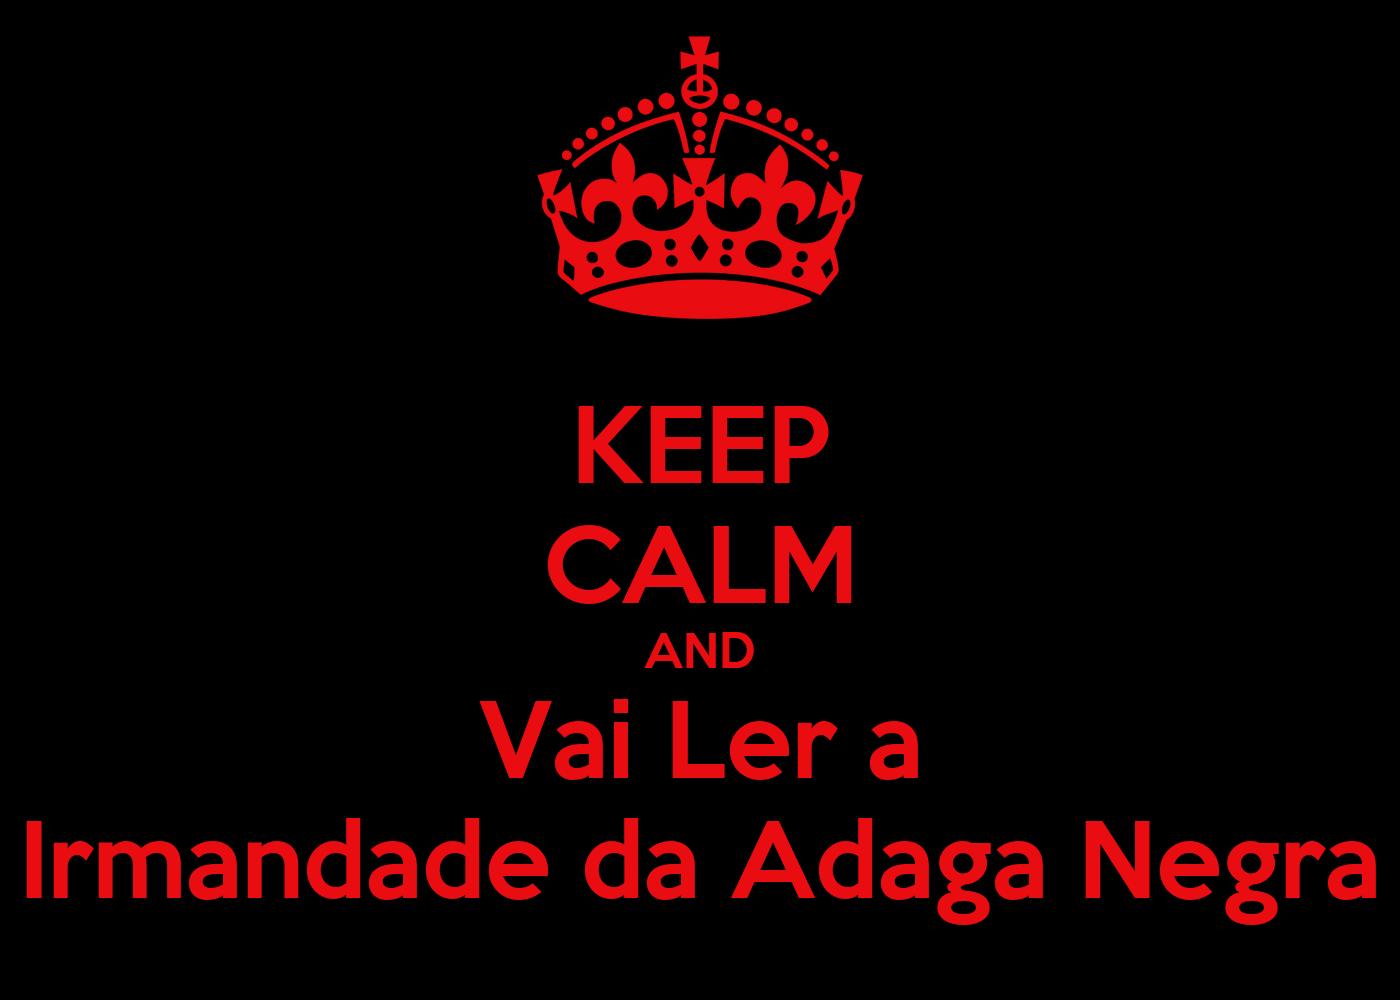 KEEP CALM AND Vai Ler a Irmandade da Adaga Negra - KEEP